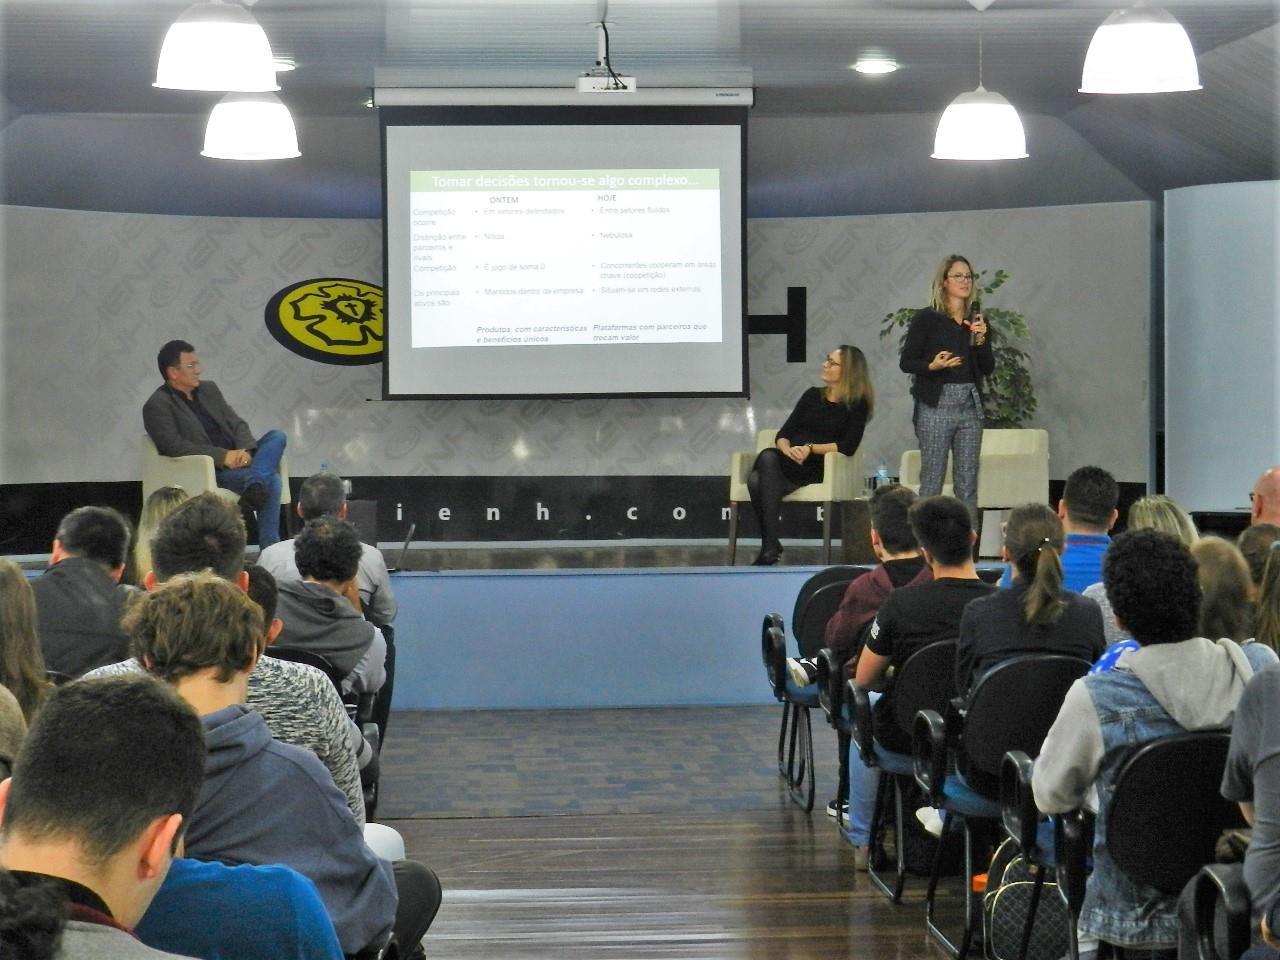 Painel da Faculdade IENH debate a transformação digital